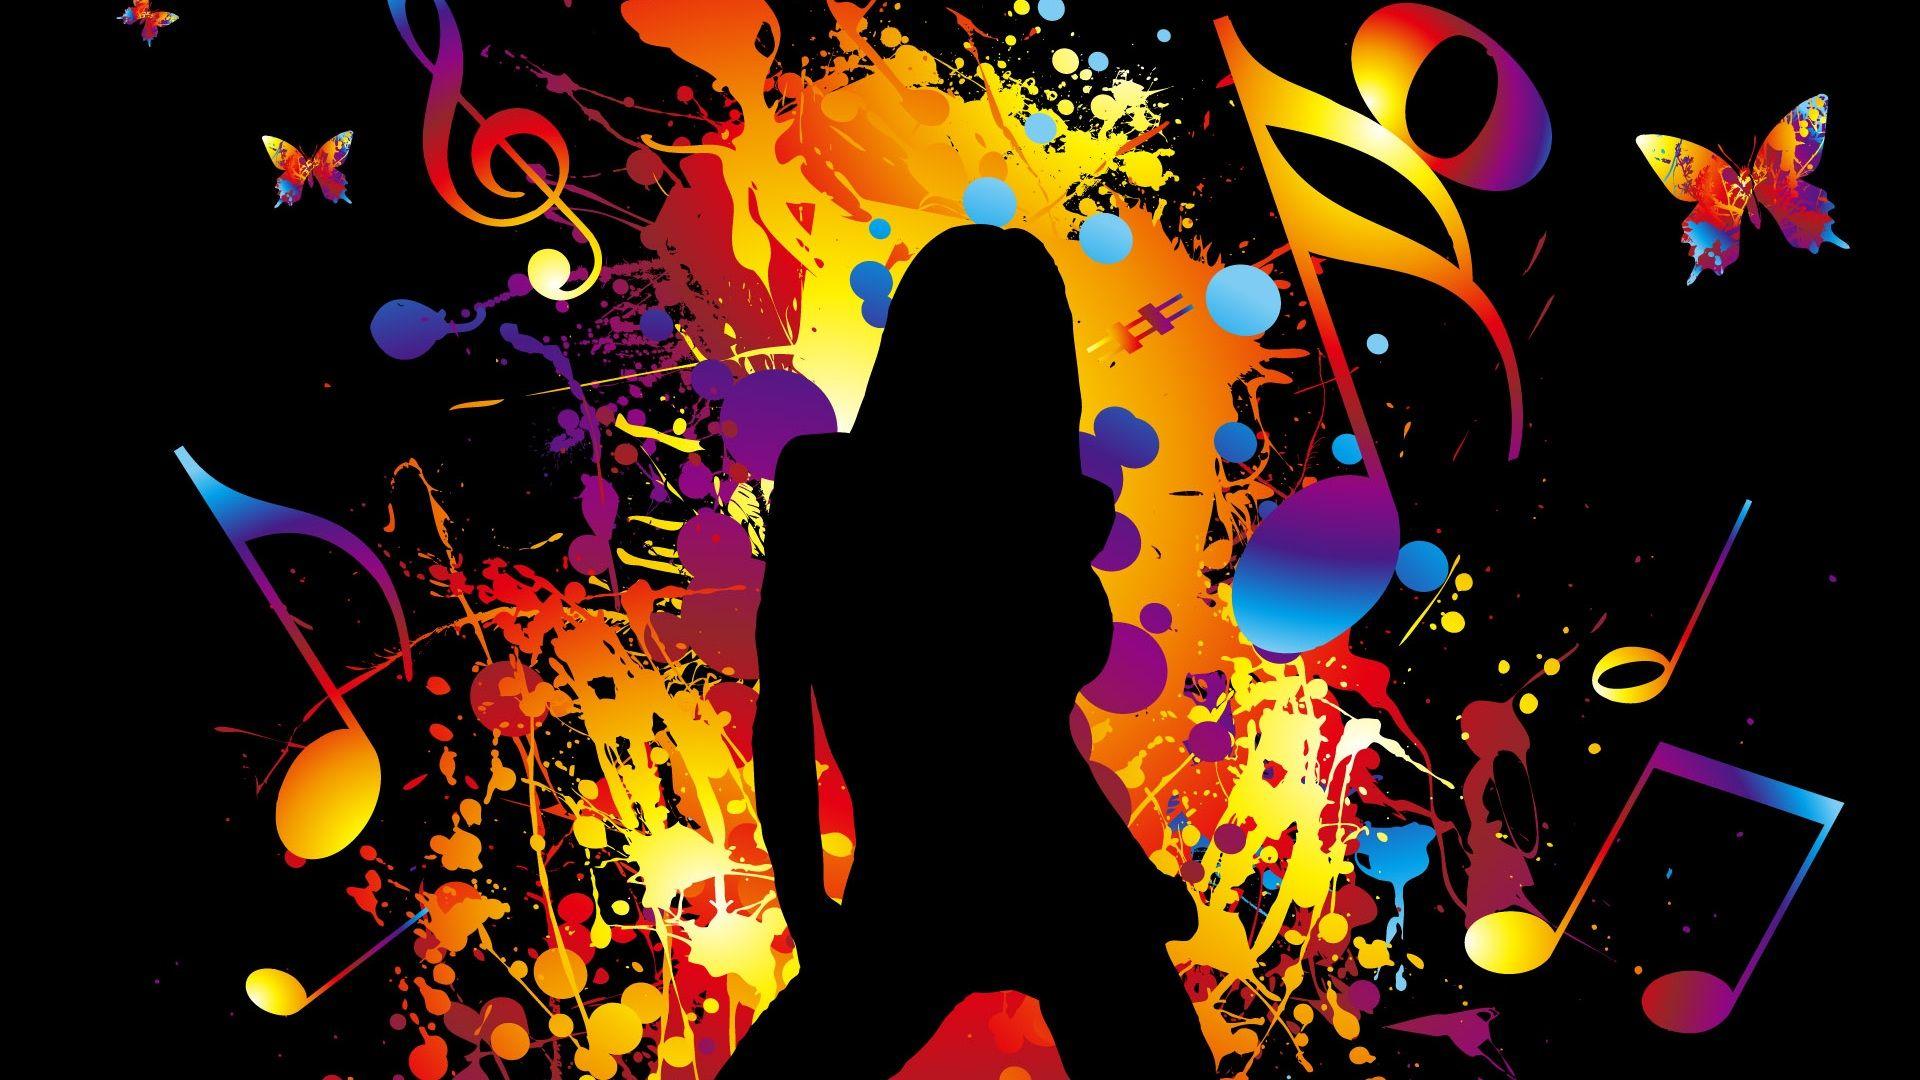 """Résultat de recherche d'images pour """"we gonna dance tonight edm HD"""""""